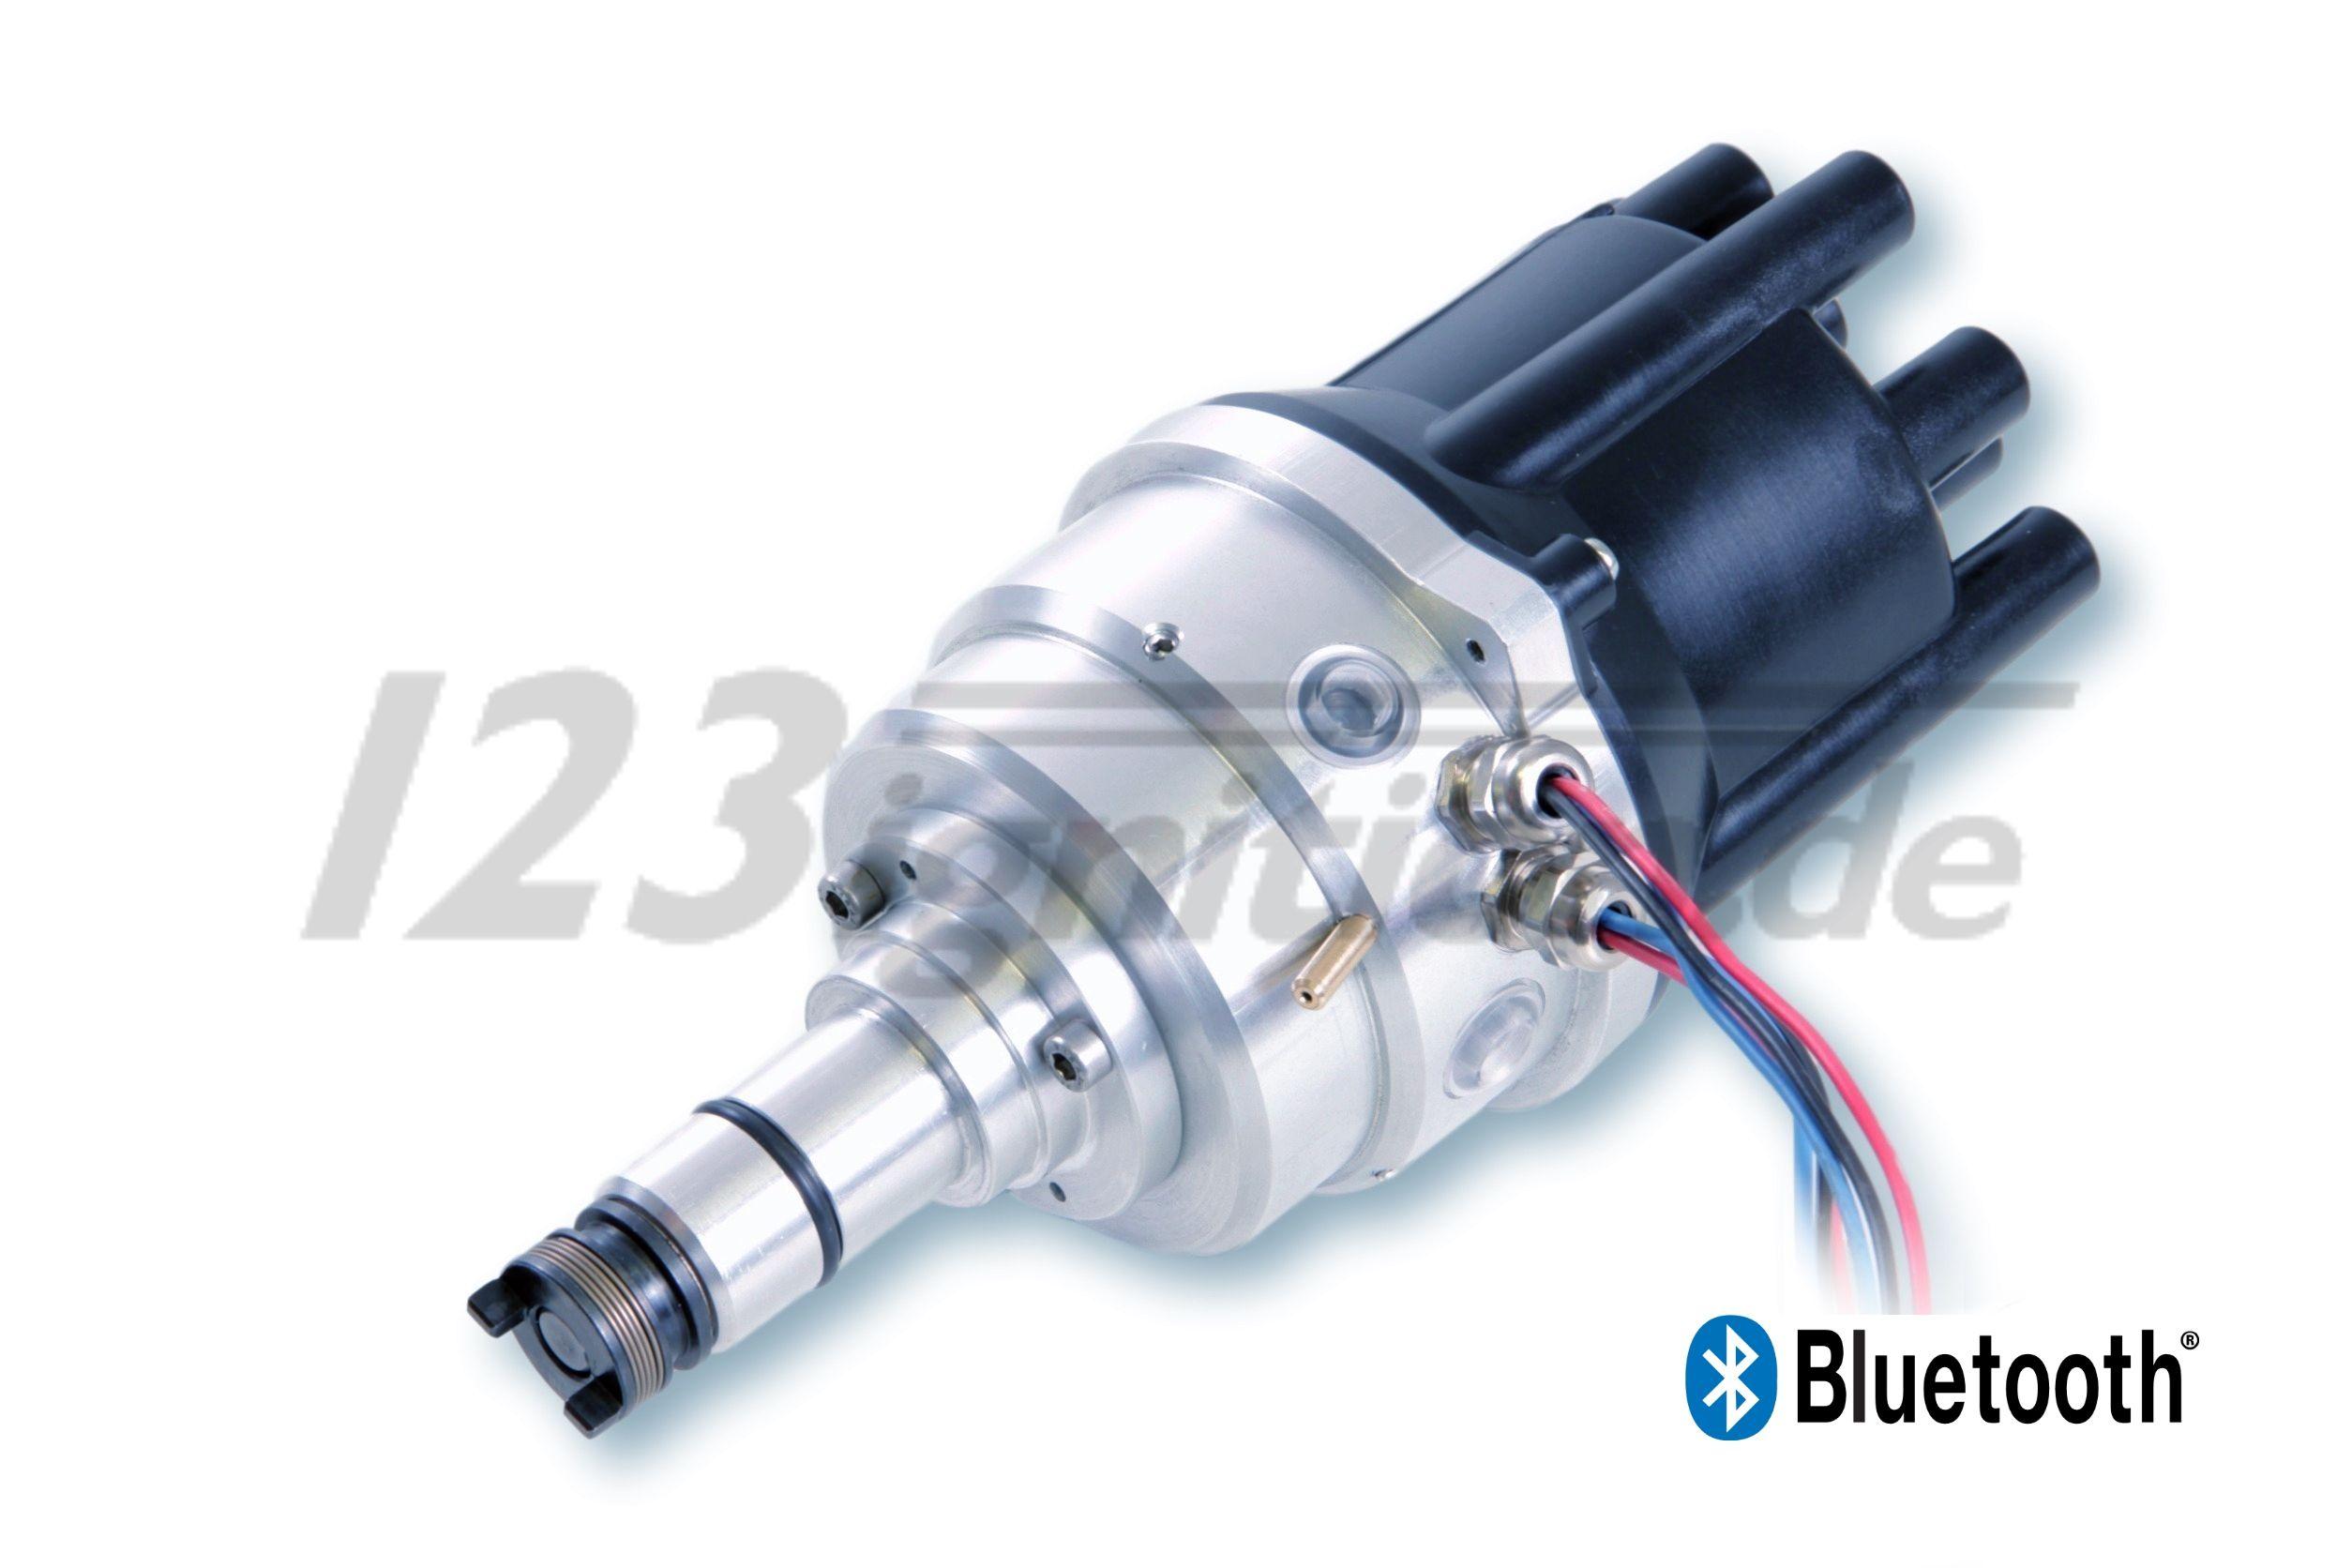 Allumeur 123 TUNE+ Bluetooth pour Alfa Romeo Giulia Nuova Spider Bertone  Duetto cd8772be7525